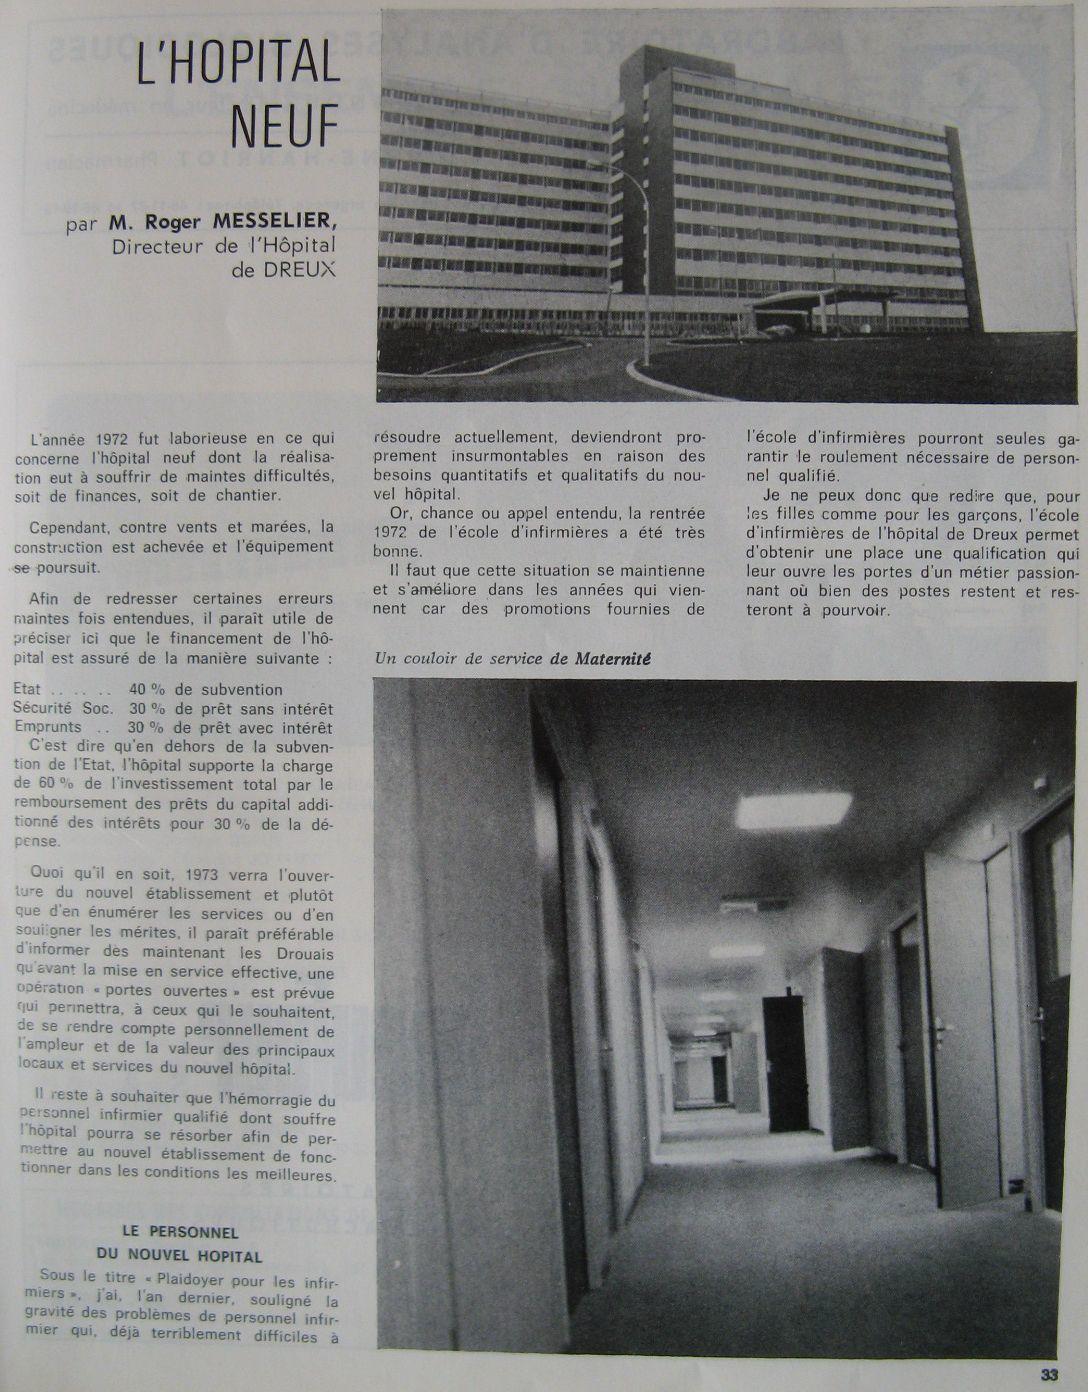 -Article 1972 pour  le Bulletin municipal de Dreux 1973.  Action républicaine avril 1973.